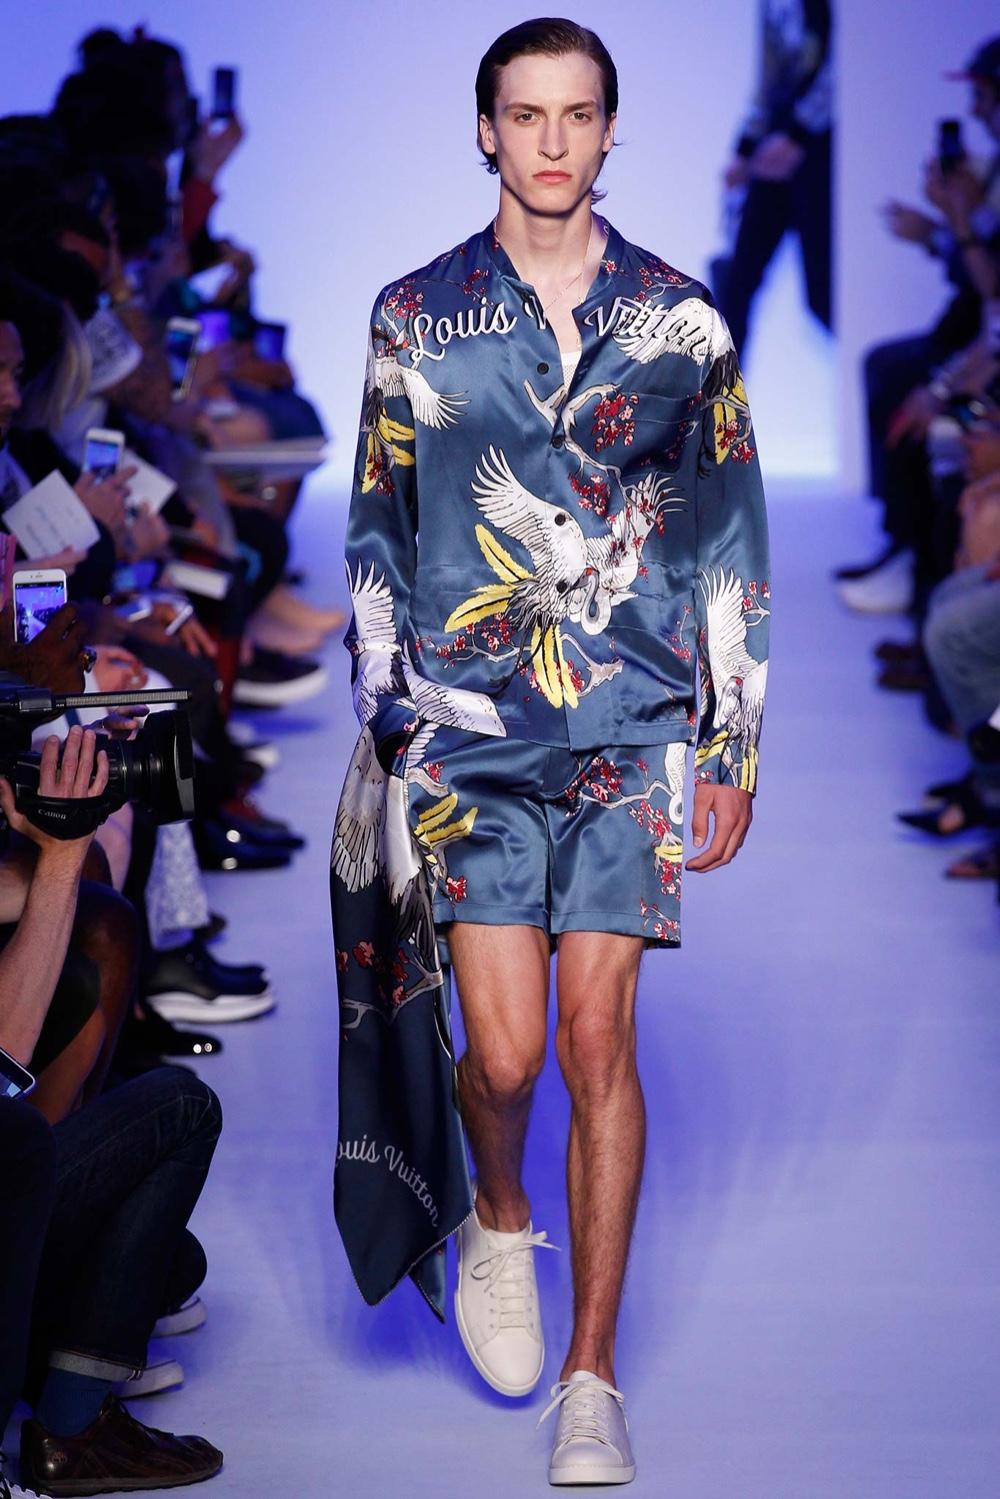 Louis Vuitton Spring Summer 2016 Menswear Collection